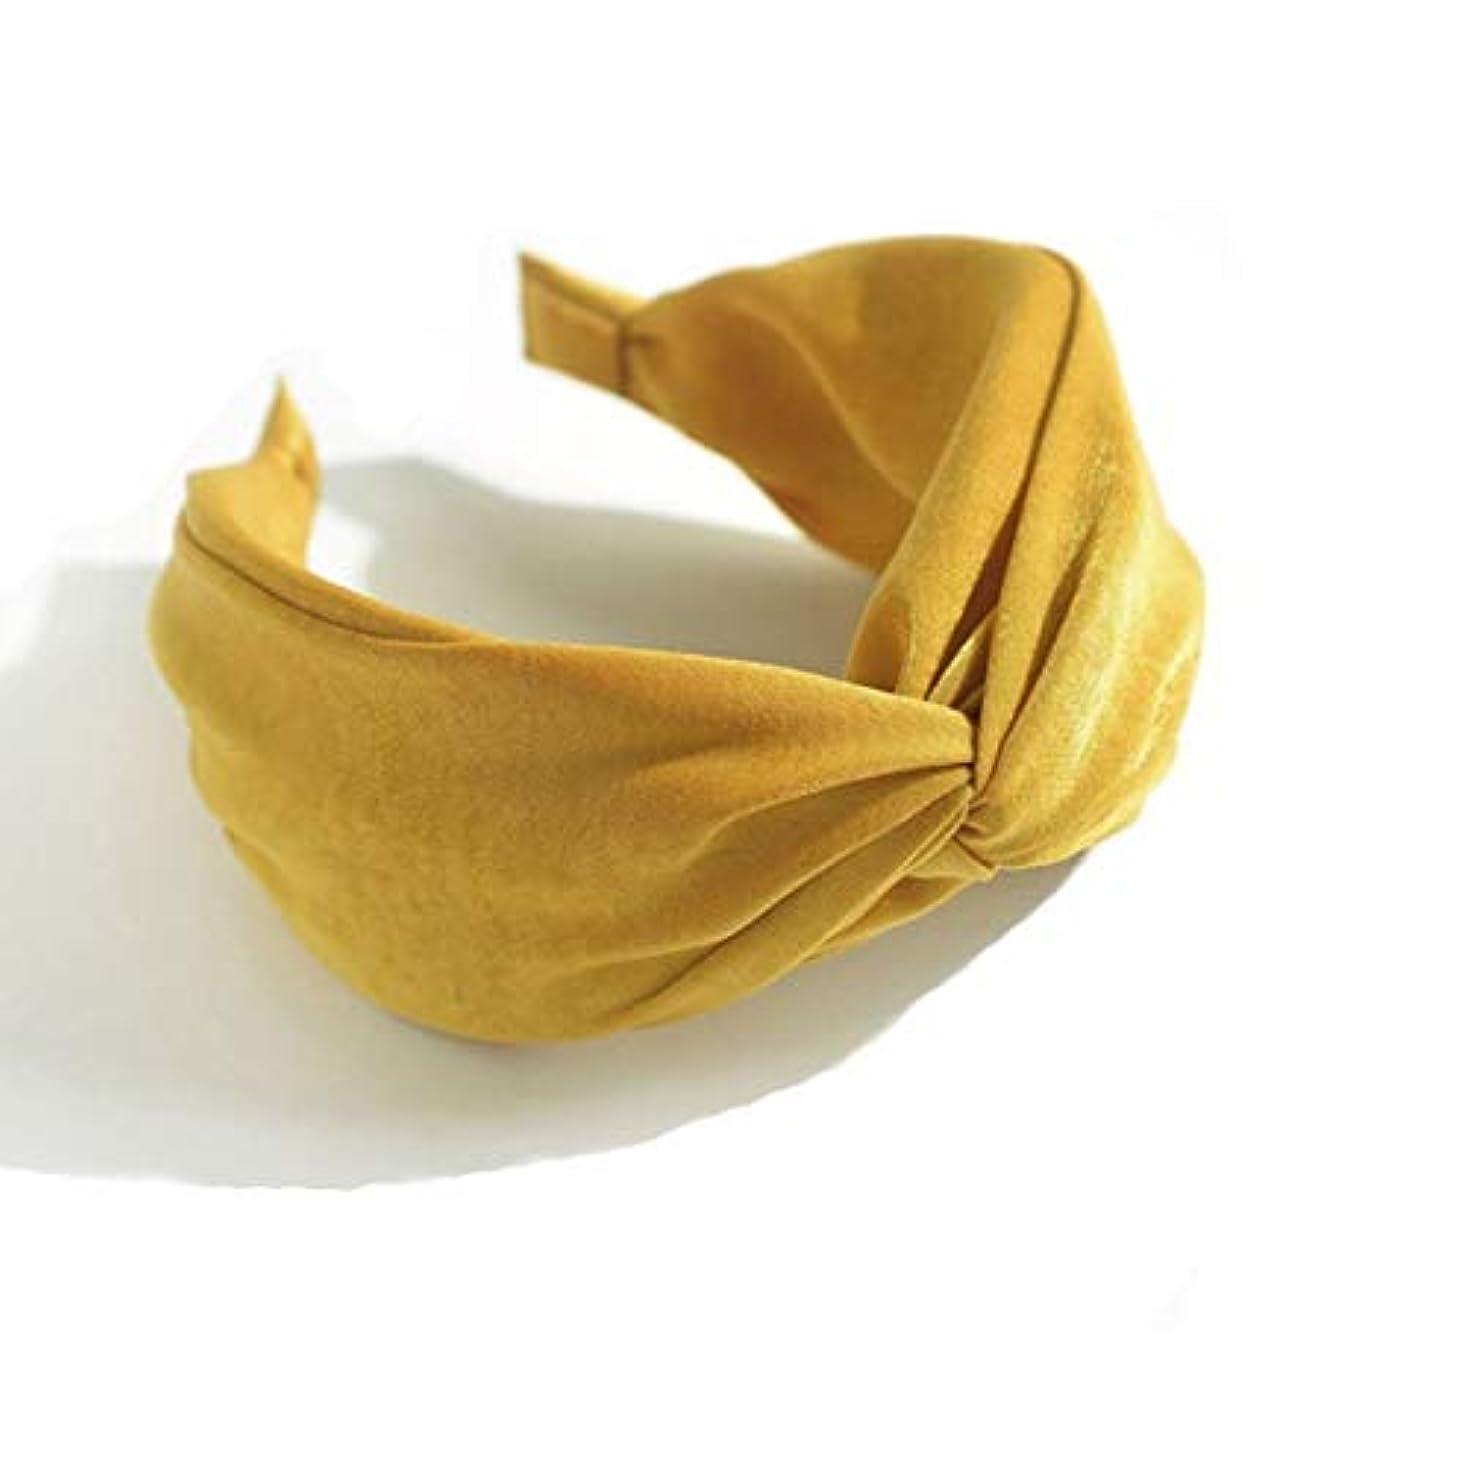 マトロン自分自身溢れんばかりのヘアクリップ、ヘアピン、ヘアグリップ、ヘアグリップ、ヘッドバンドヘッドバンドファブリッククロスワイドヘッドバンドレディレディーワイルドヘアピンヘッドバンド (Color : Yellow)